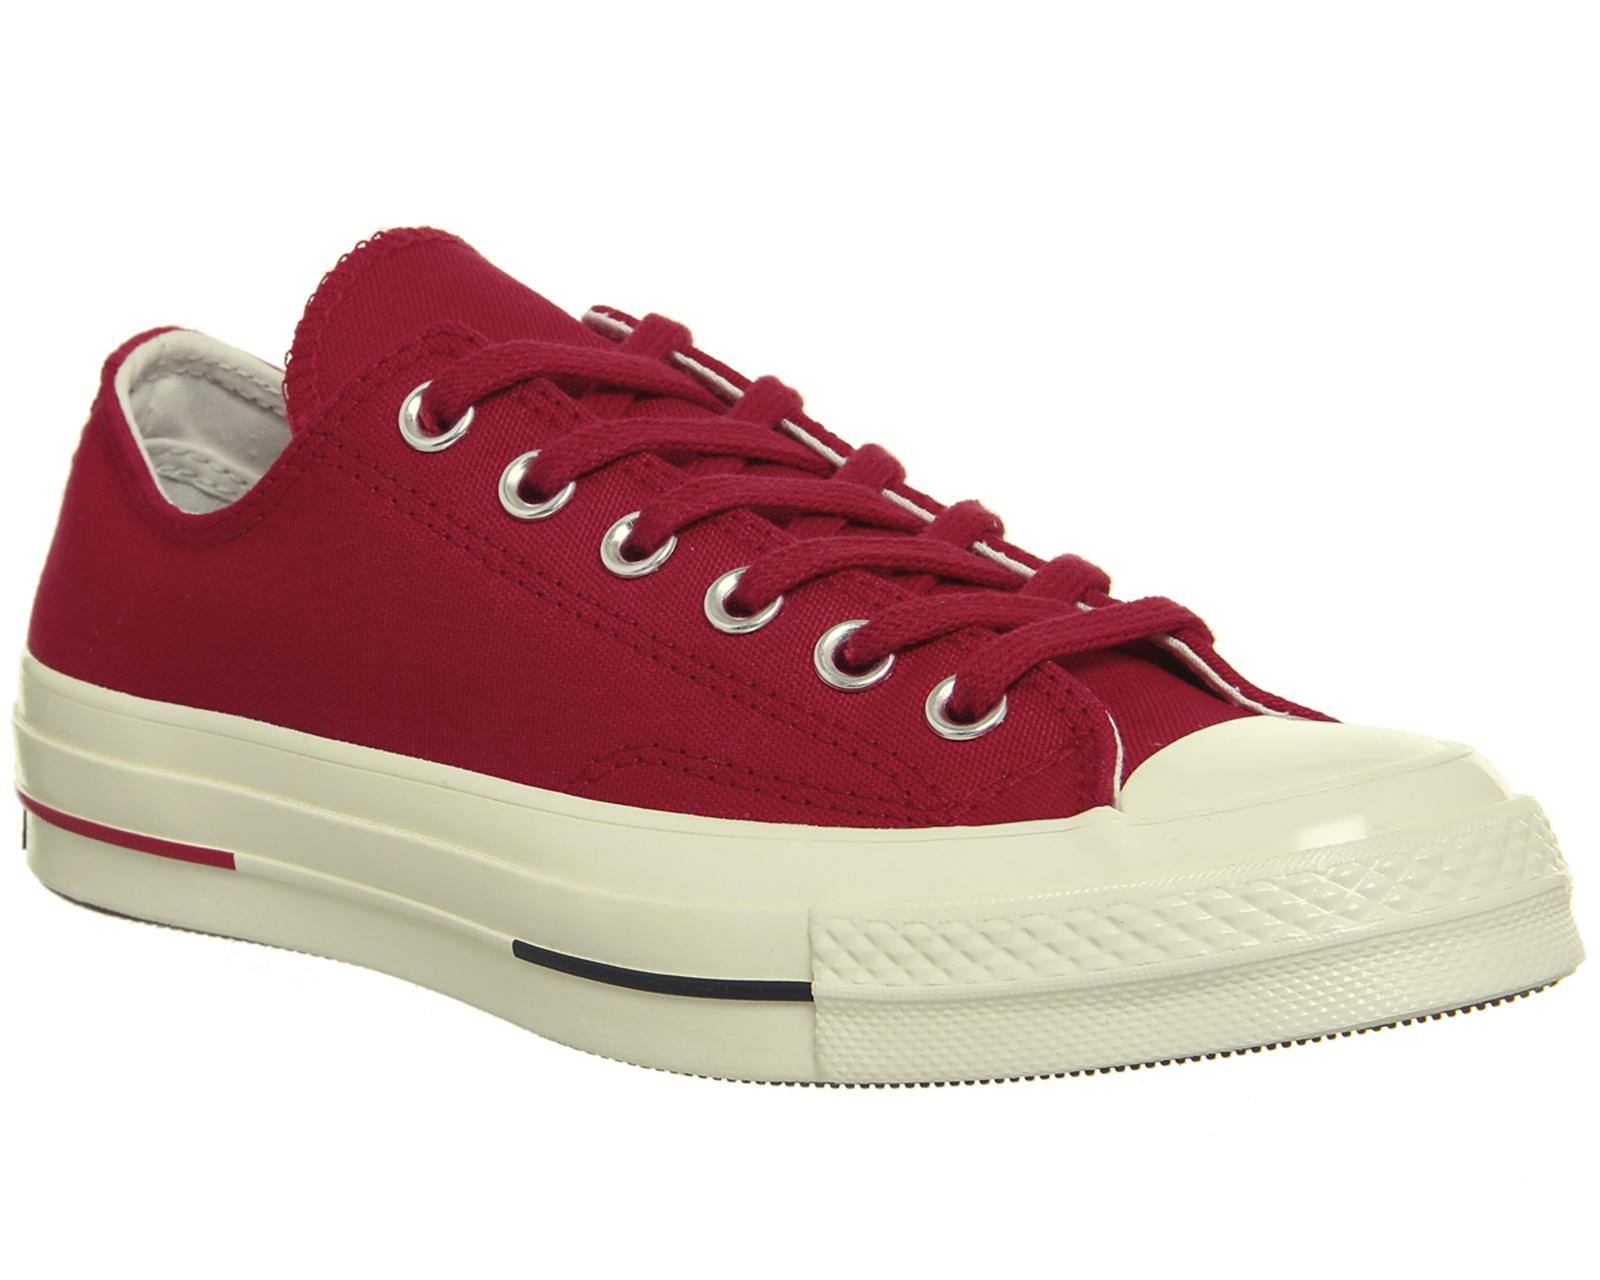 Converse All Star Ox anni '70 blu comodi scarpe da ginnastica